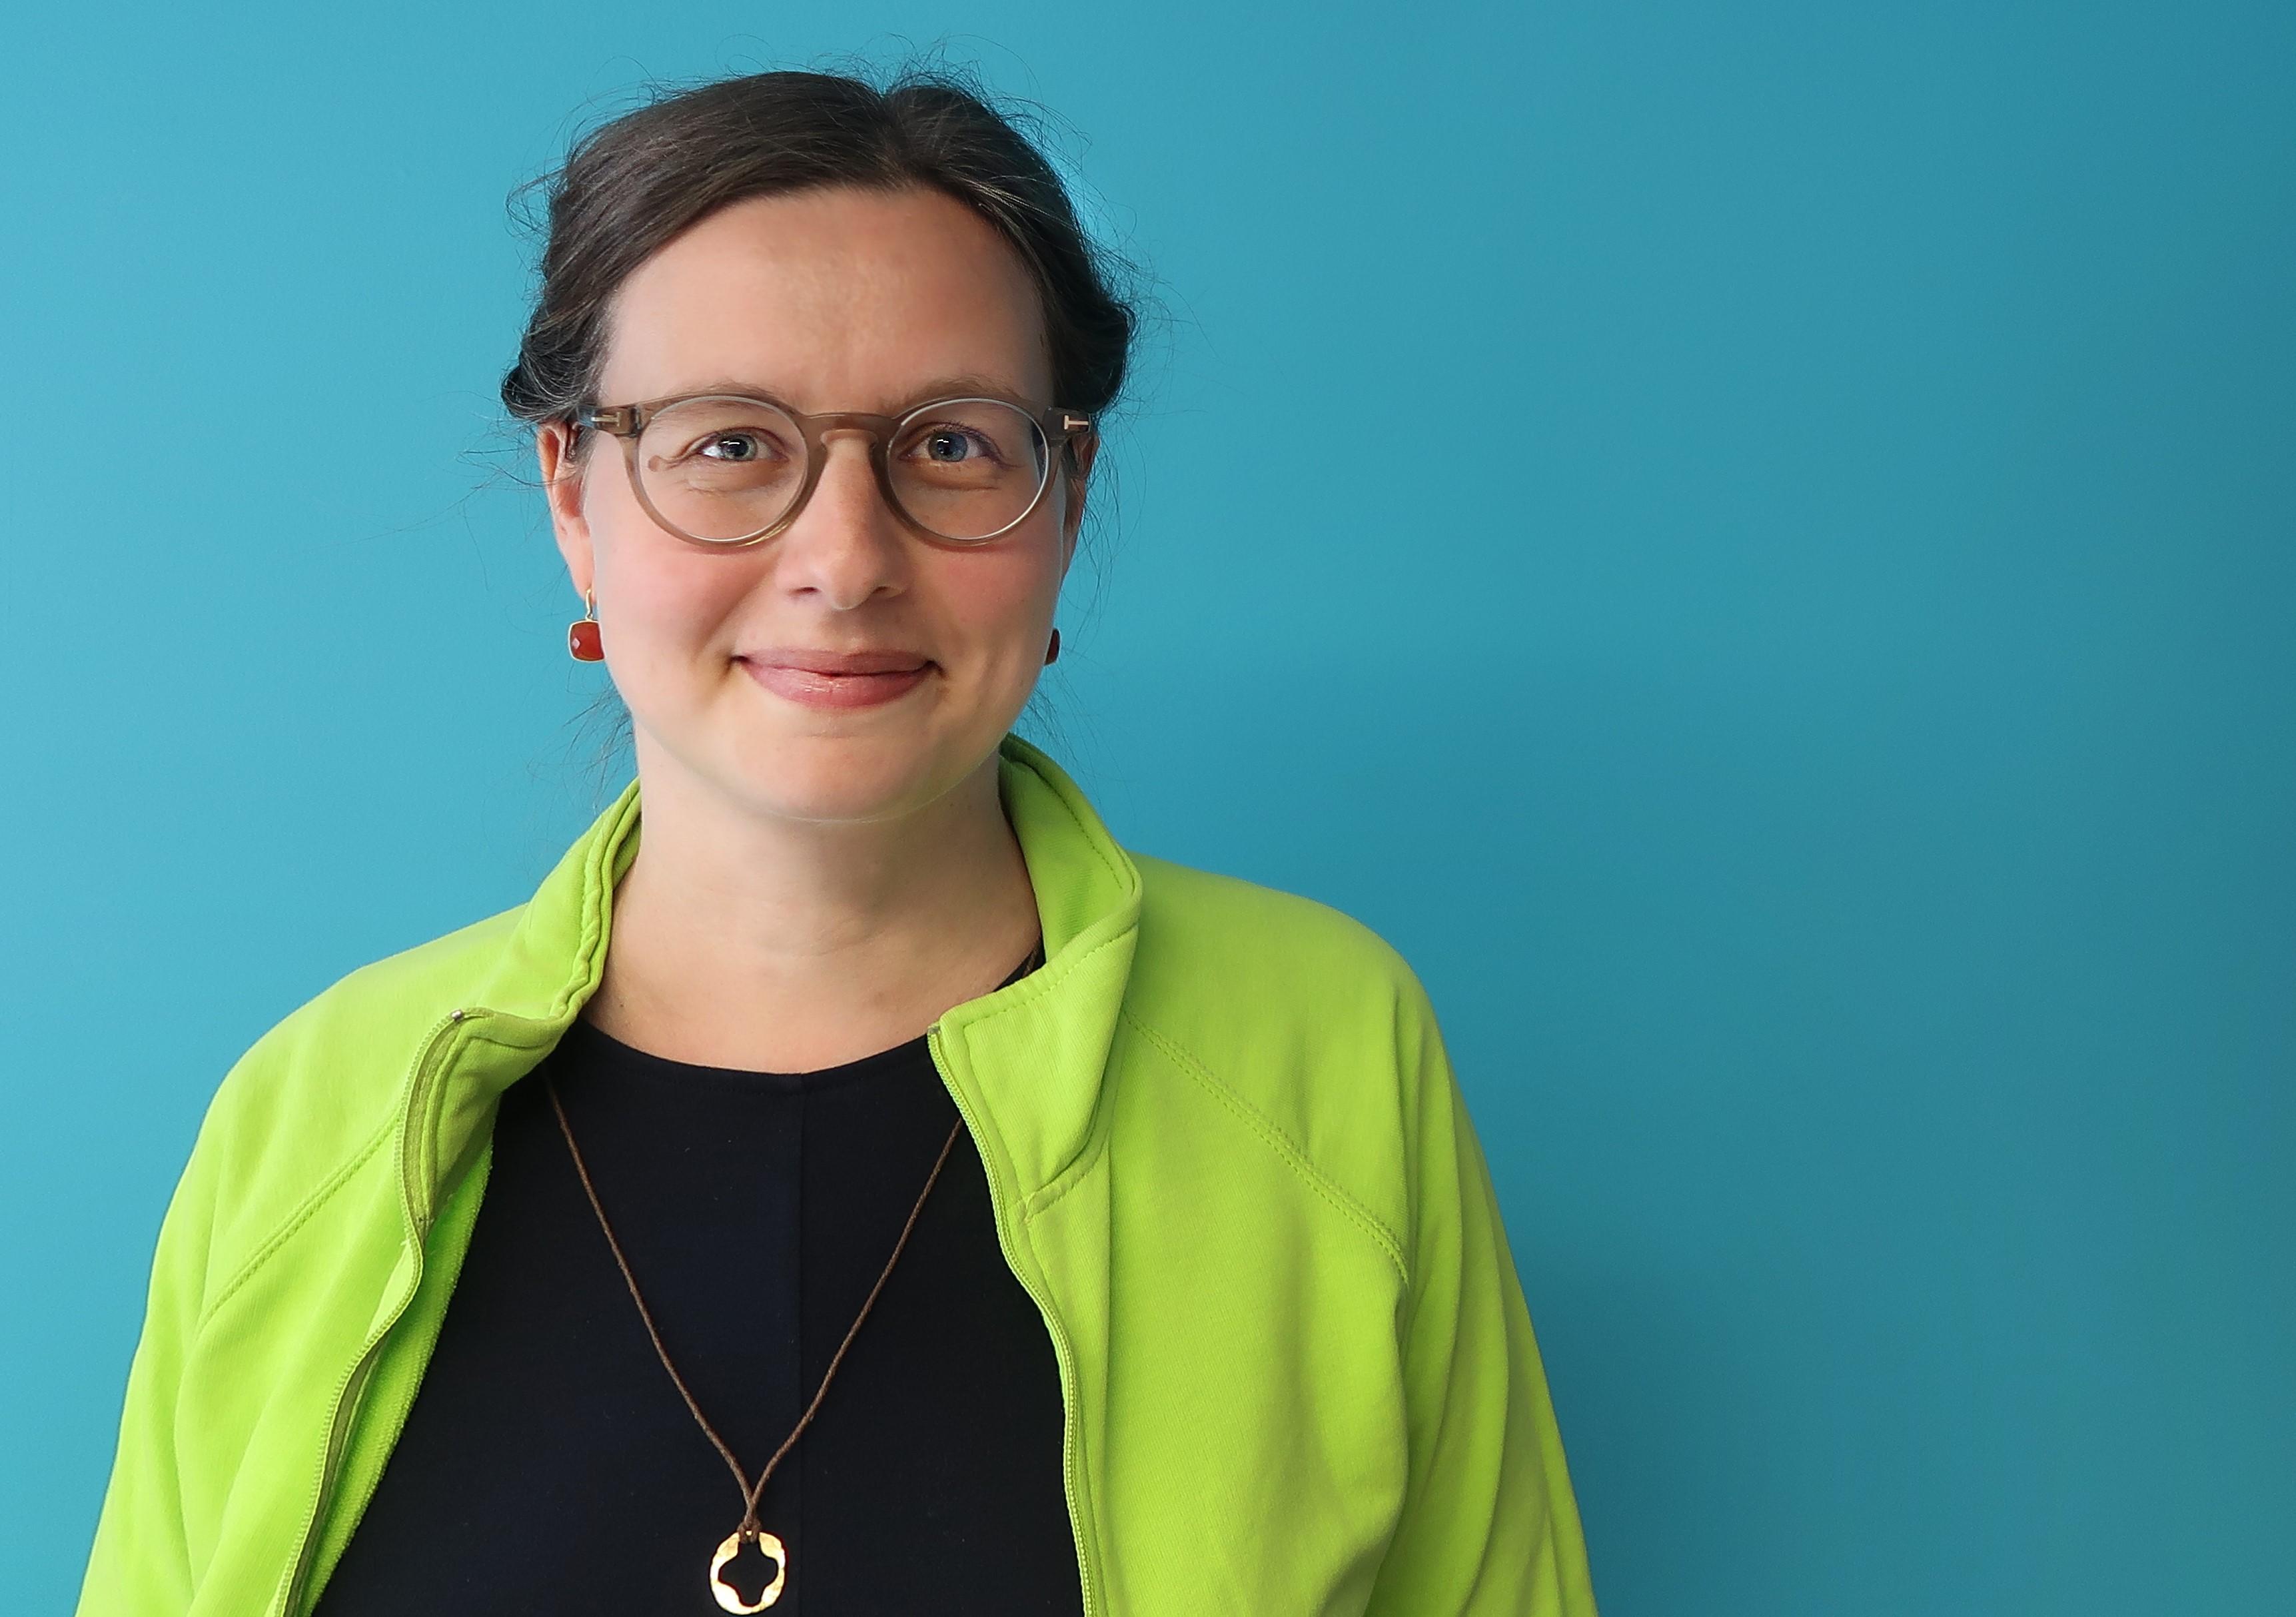 Anaïs Fayt volgt Annelien Boone op als directeur van IJD Jongerenpastoraal Vlaanderen © IJD